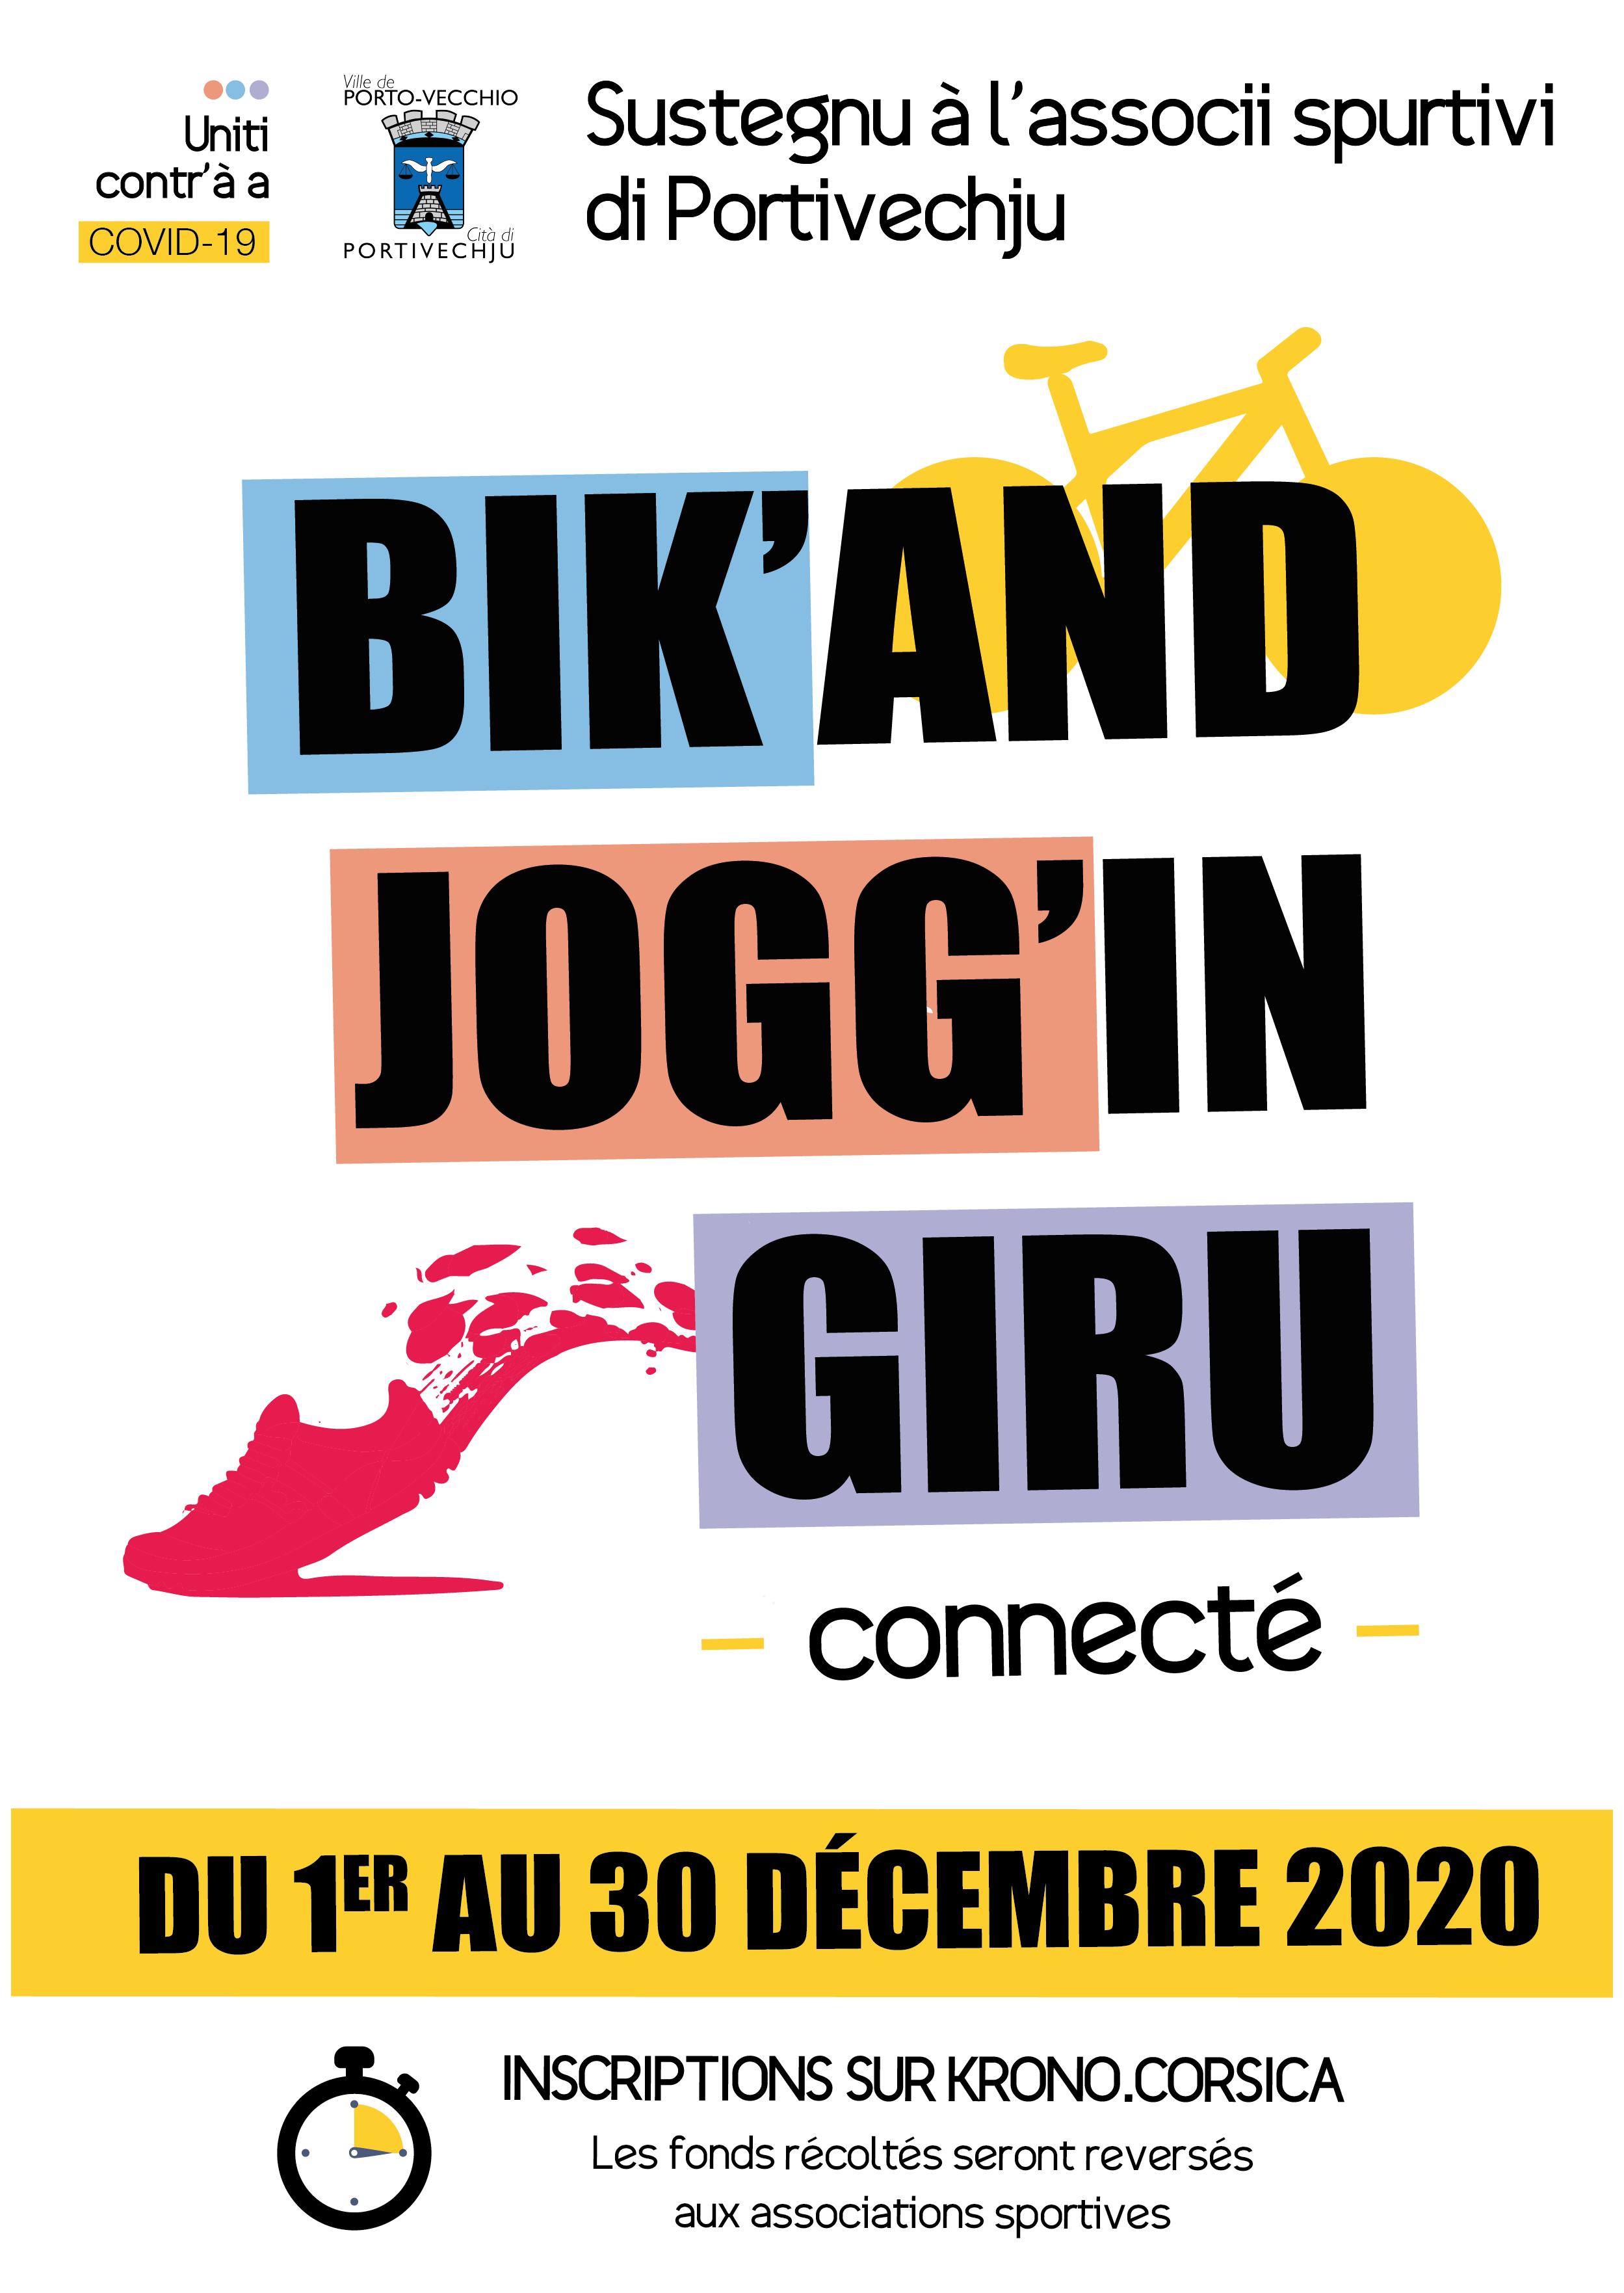 Bik'and Jogg'in Giru in Portivechju : un challenge pour soutenir les associations sportives de la ville